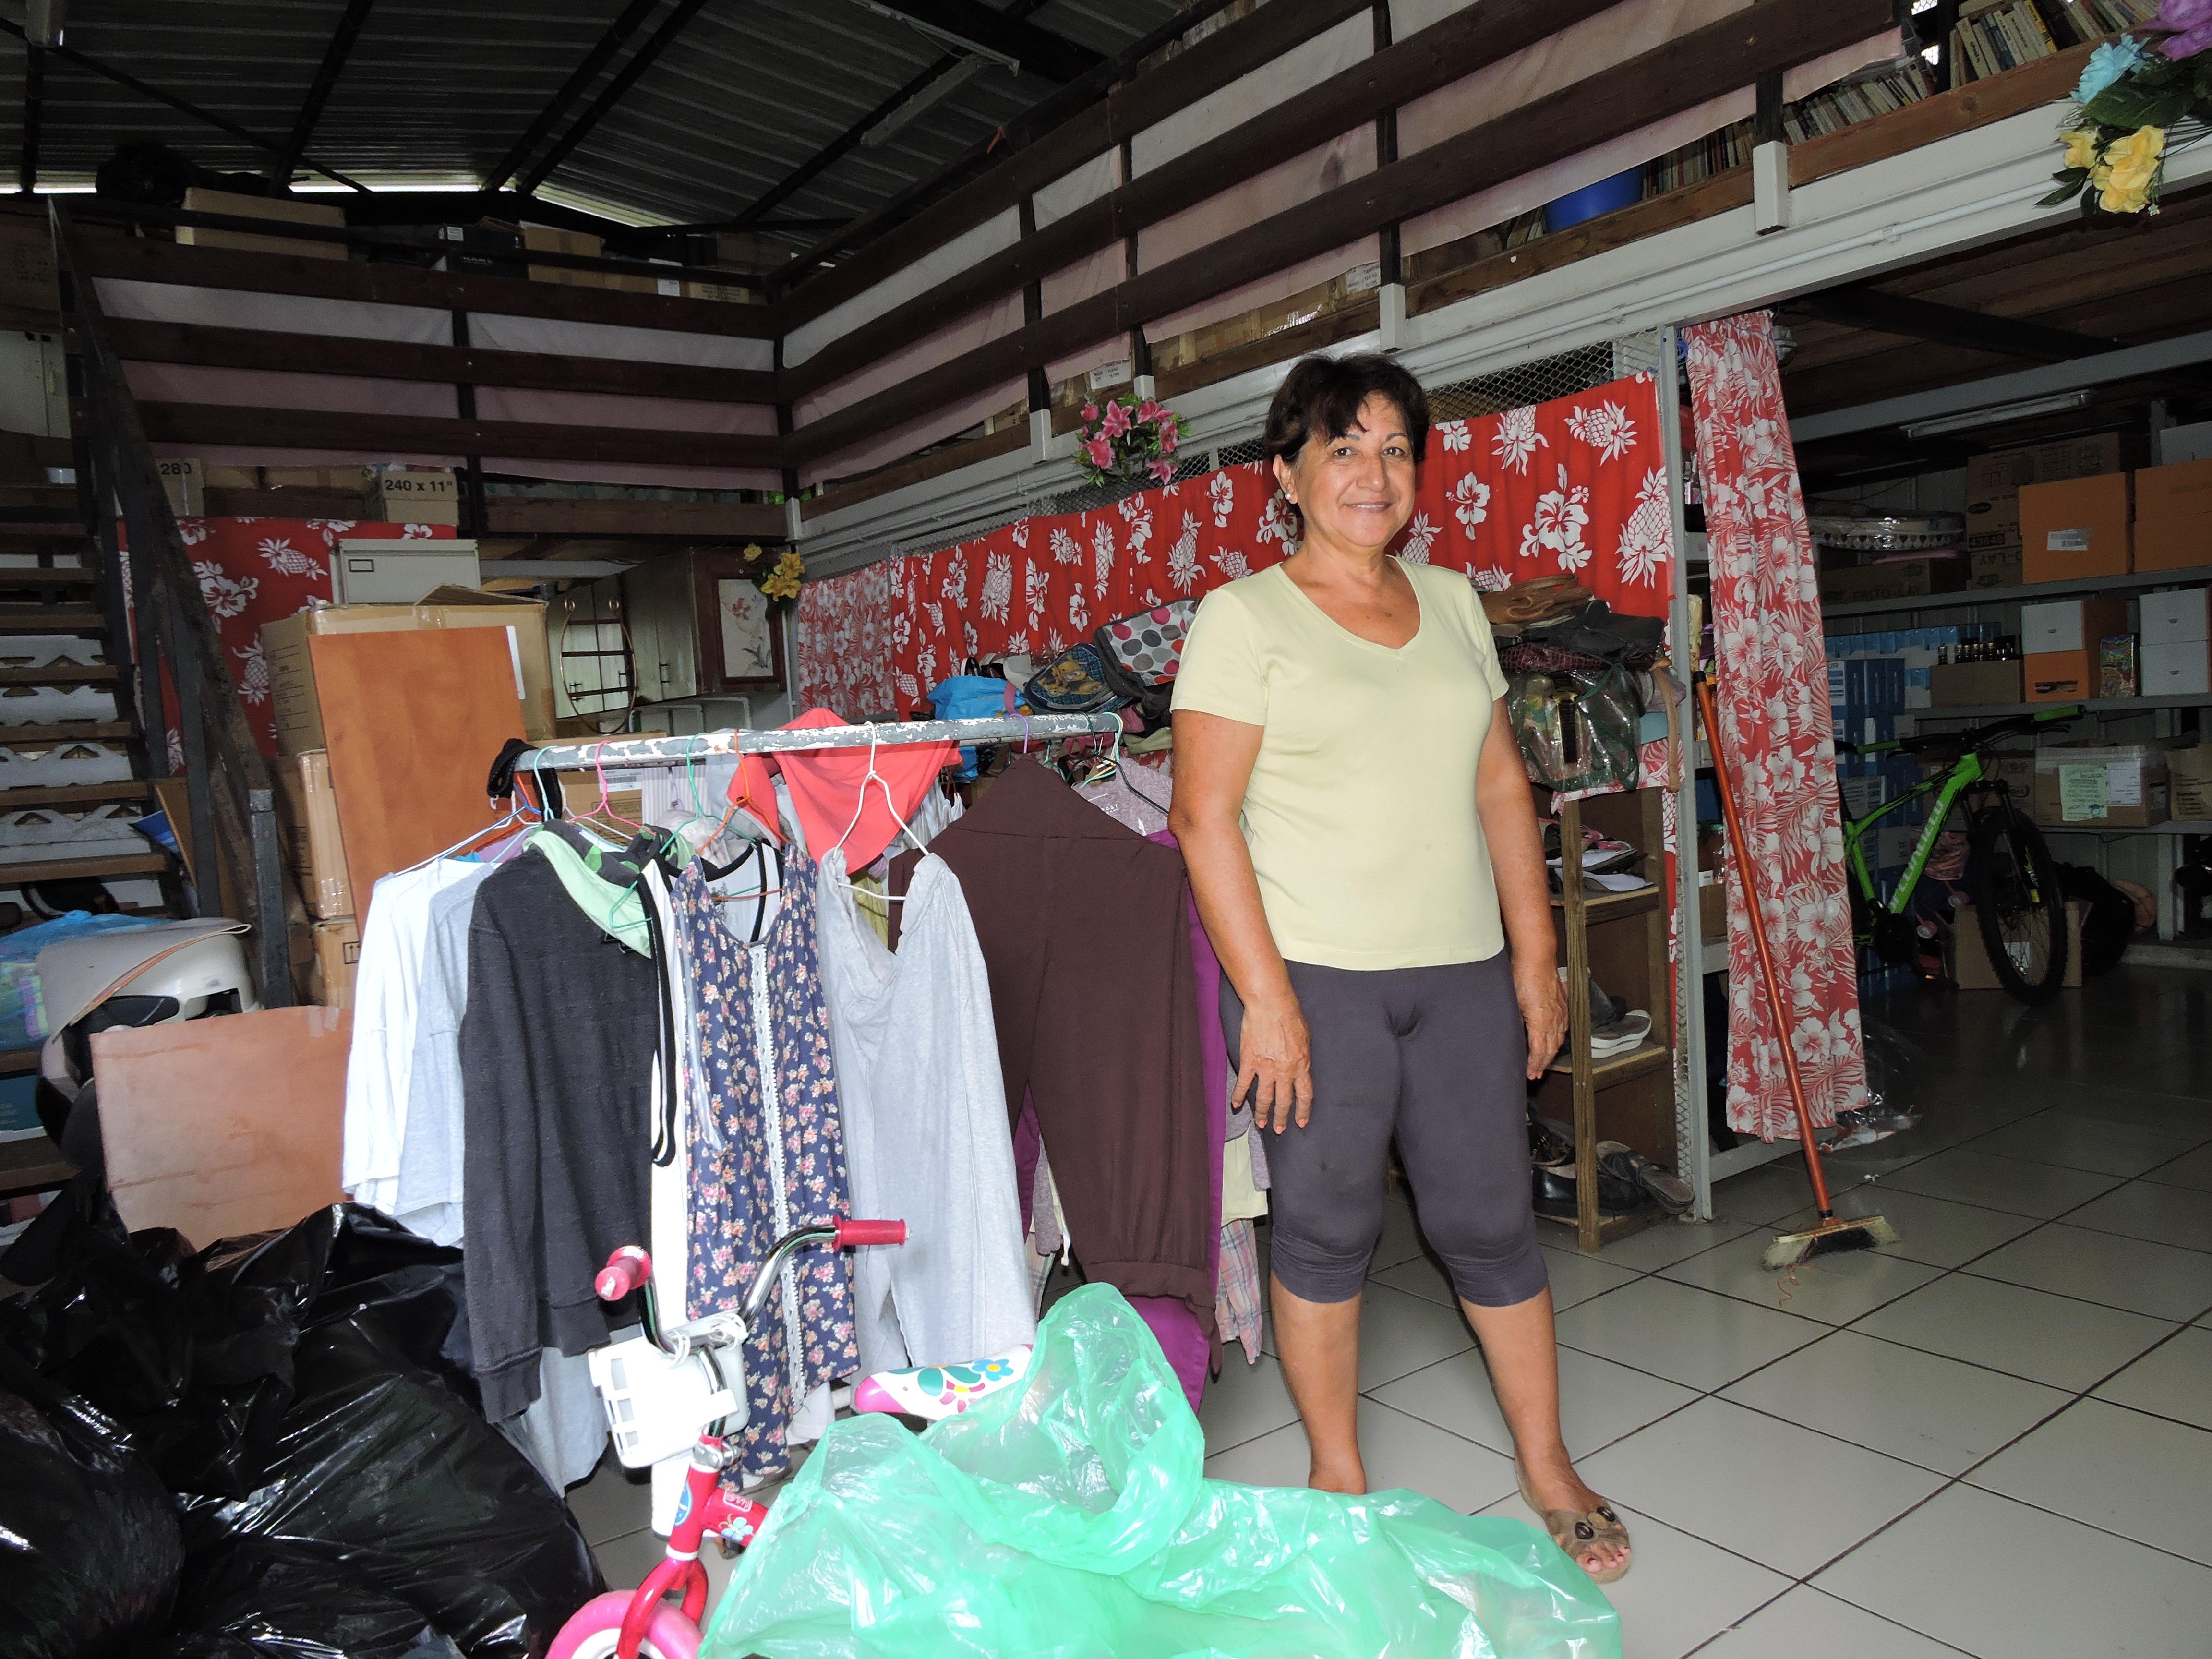 Au siège du Secours catholique, à La Mission, Patricia Puhetini, récupère les dons. Ils seront ensuite redistribués.